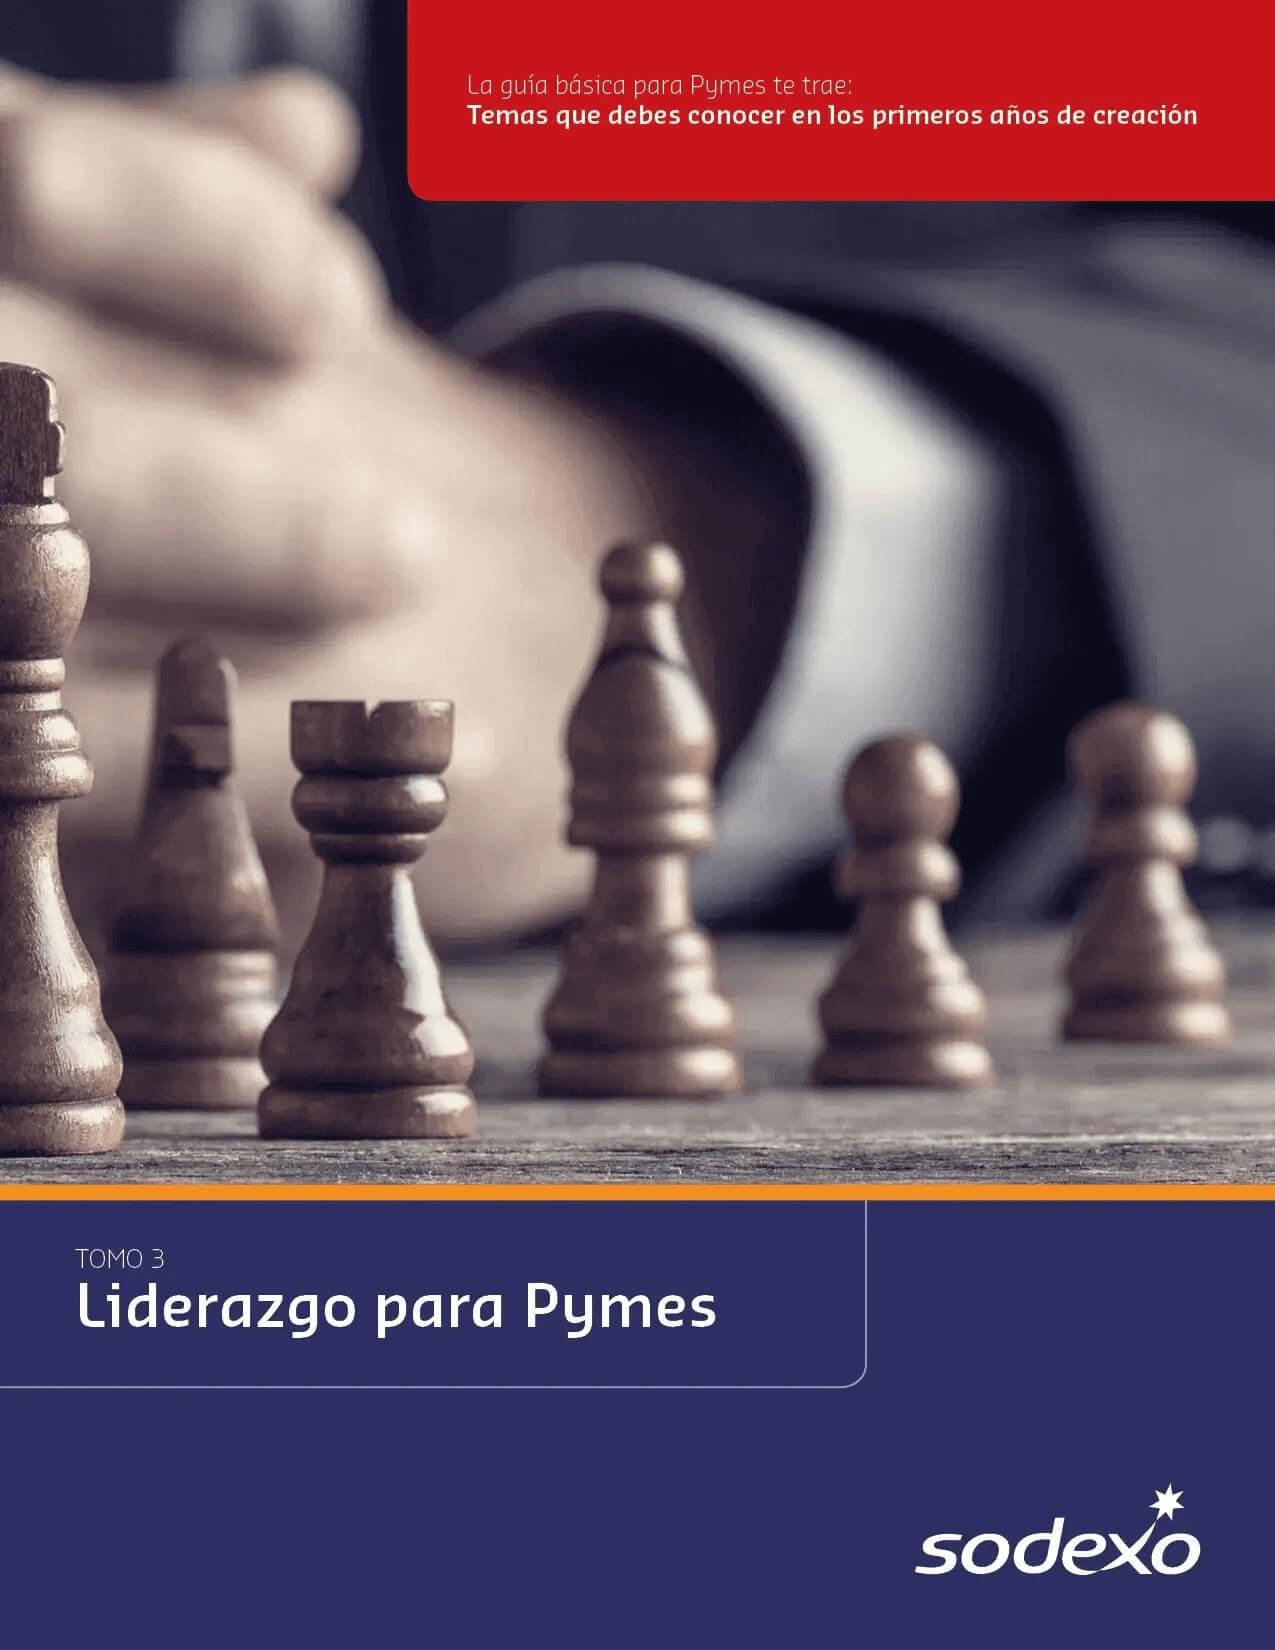 Ebook Pymes TOMO3 PORTADA.jpg